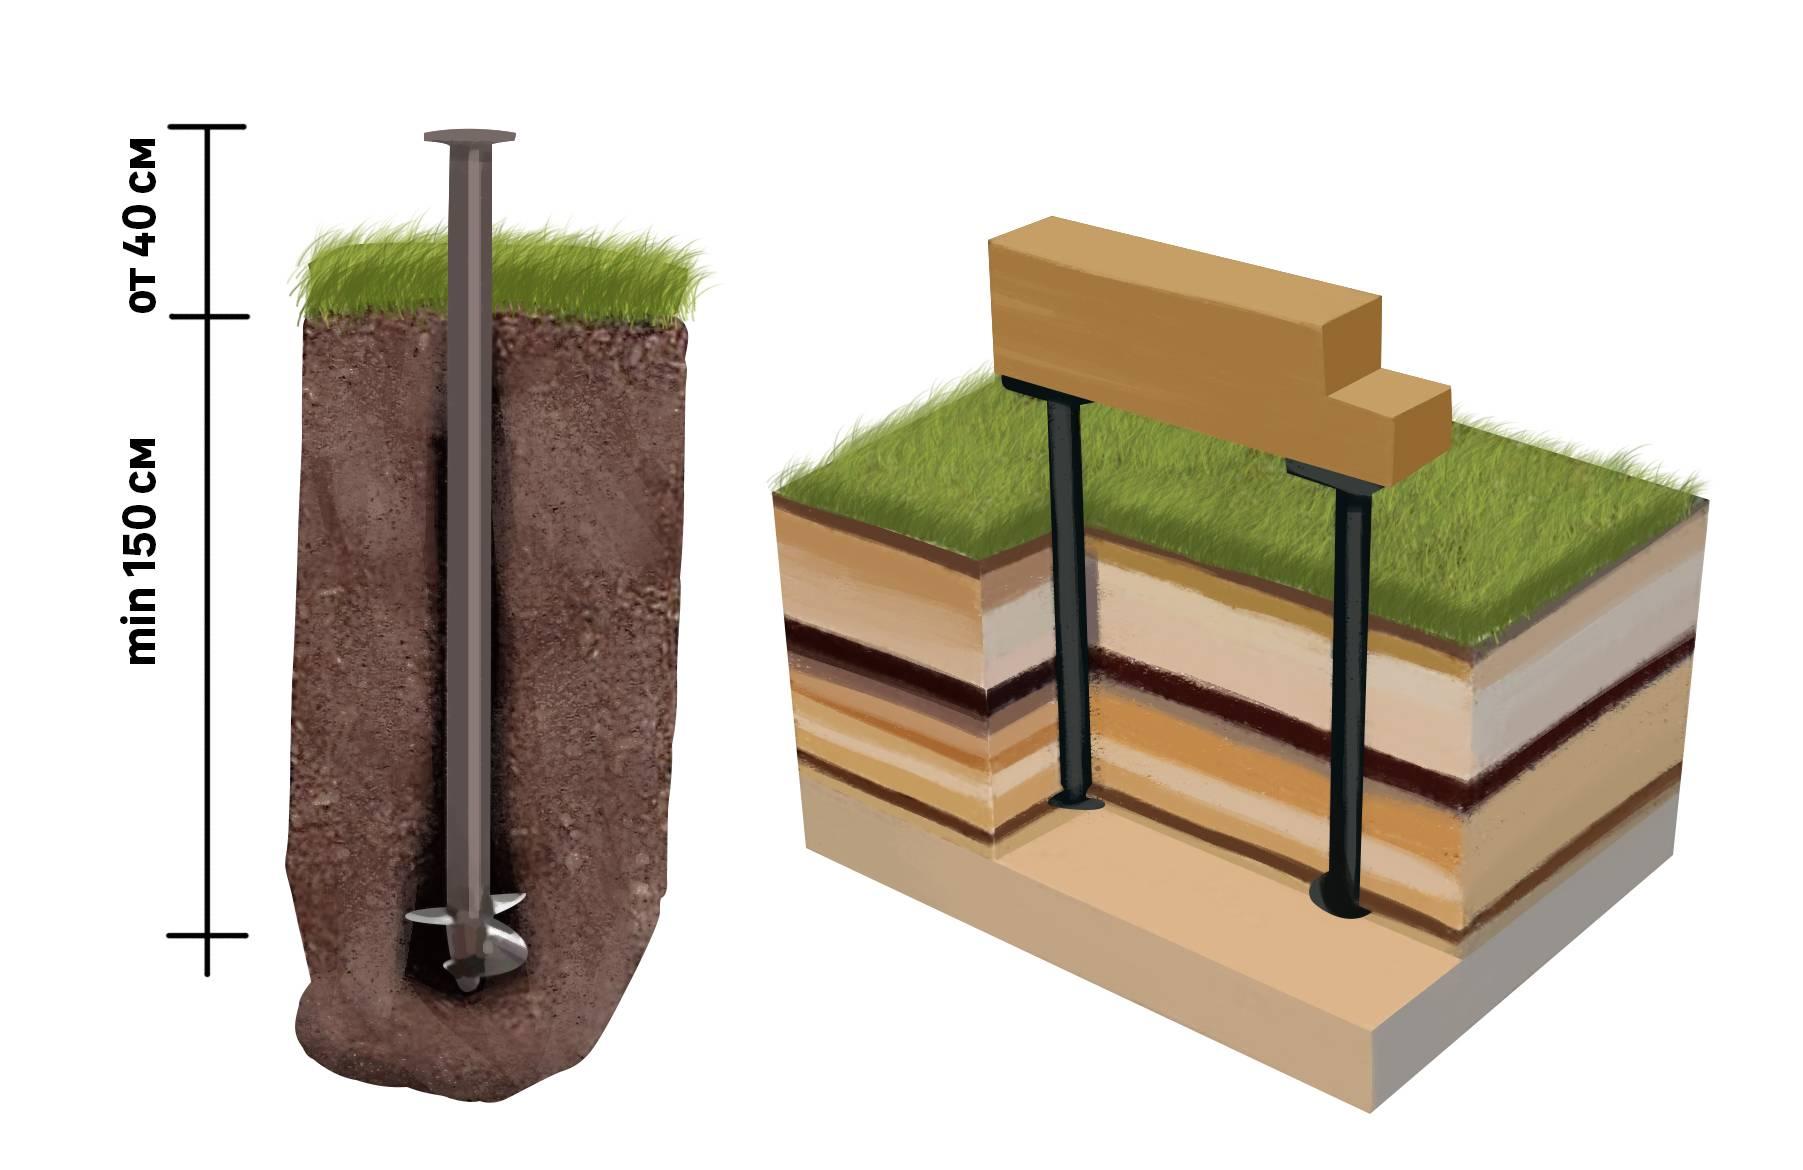 Забивные сваи: железобетонные варианты для фундамента частного дома, жб продукция по госту, металлические и бетонные изделия для свайно-забивной конструкции